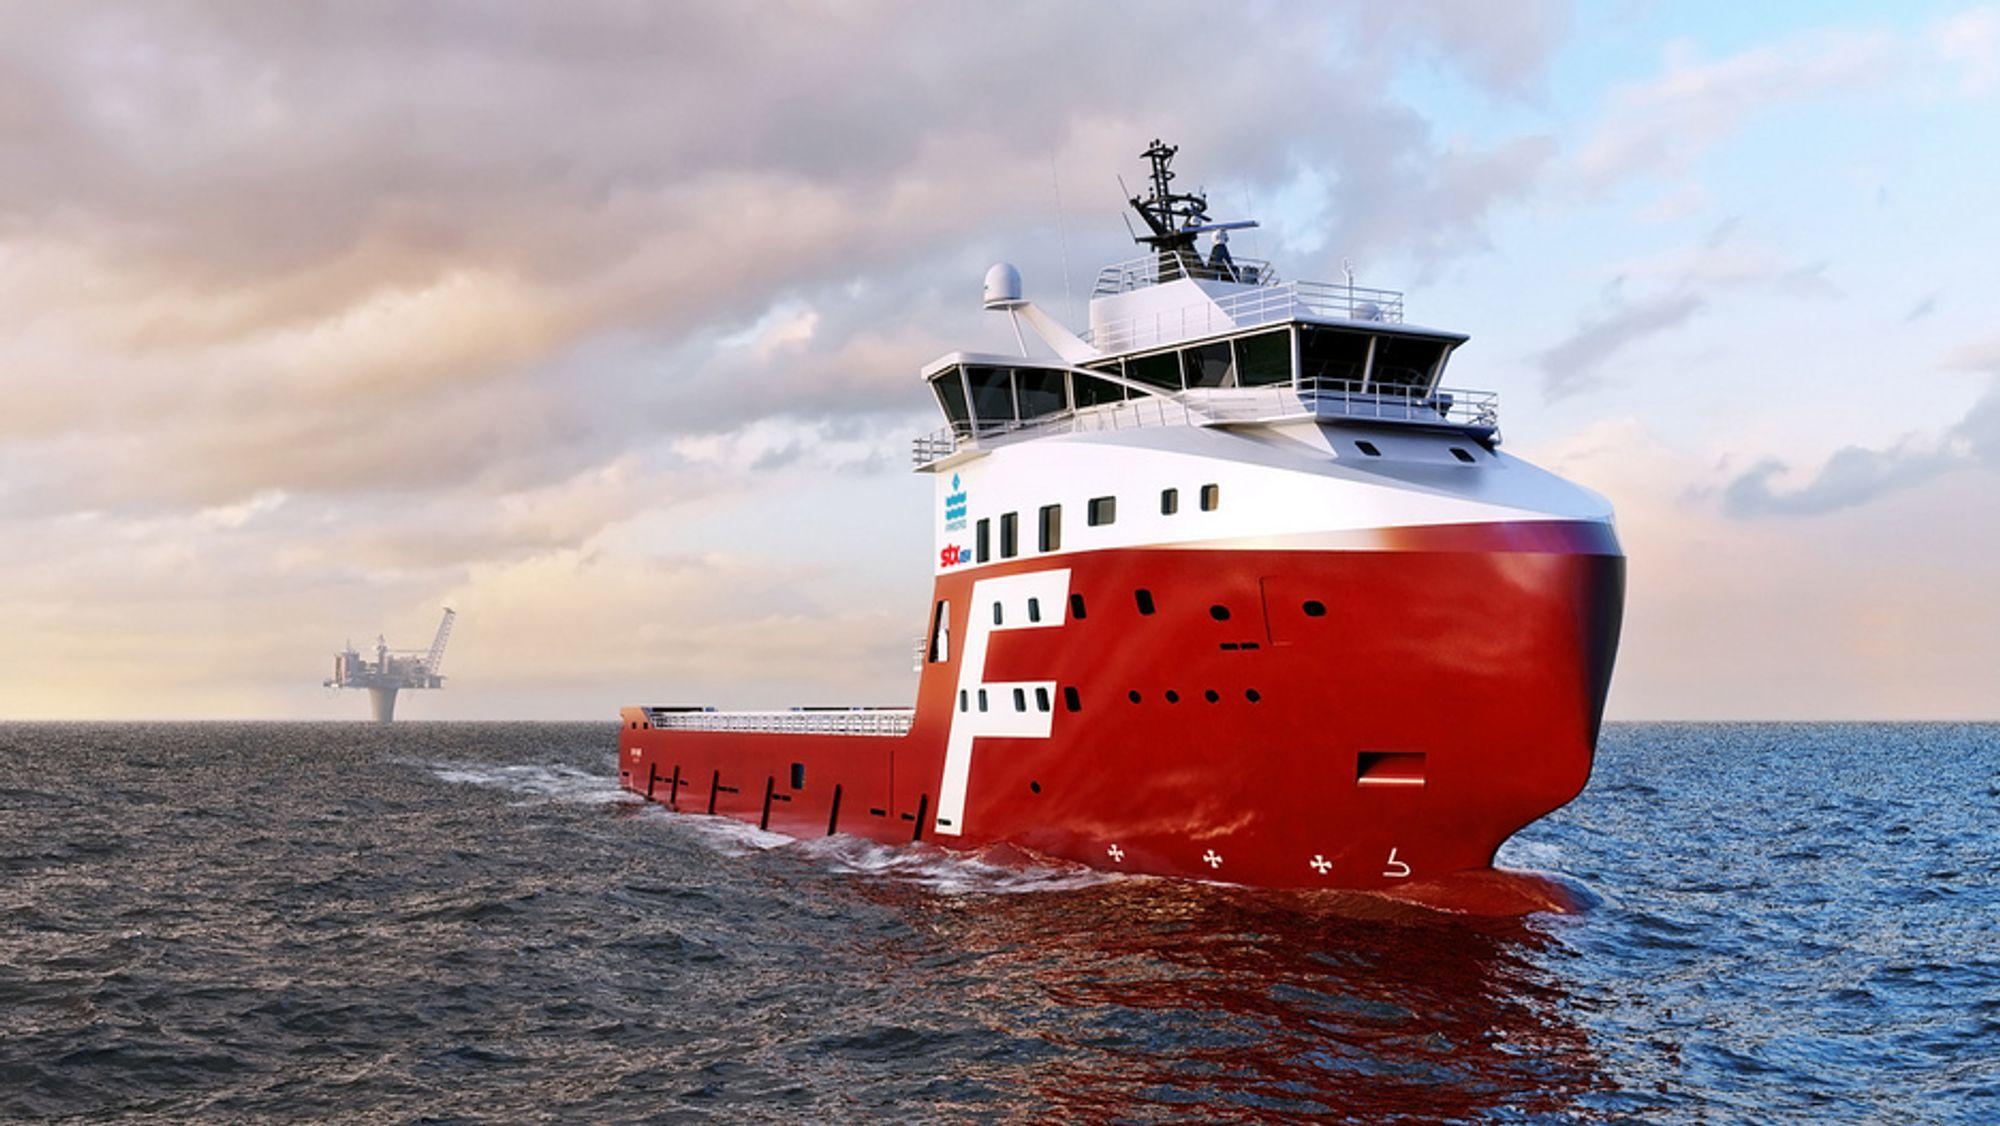 RAMMES: Rederier som Farstad som kjøper supply-skip som disse fra STX, kan heretter måte kjøpe skipene sine fra verft i Korea og Kina, i stedet for Norge på grunn av begrensingene i Ekportfinans kreditter som følge av et nytt EU direktiv.